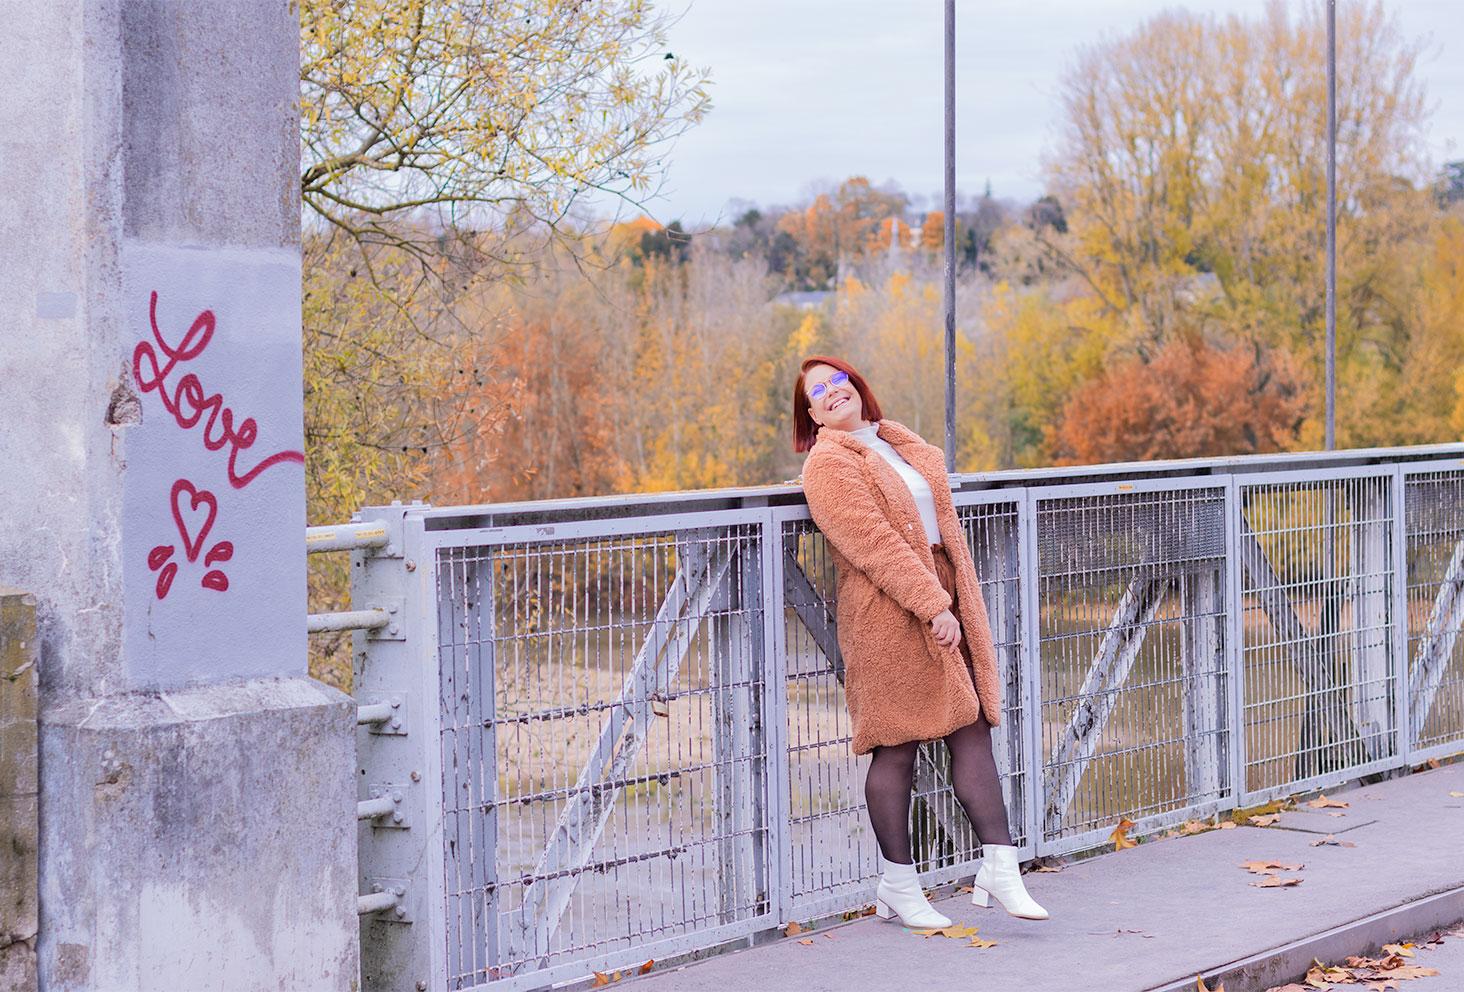 Look en manteau en fausse fourrure et bottines à talons blanches, pour un article au sujet de la disparition des likes sur Instagram avec le rappel des coeurs rouges tagué sur le mur